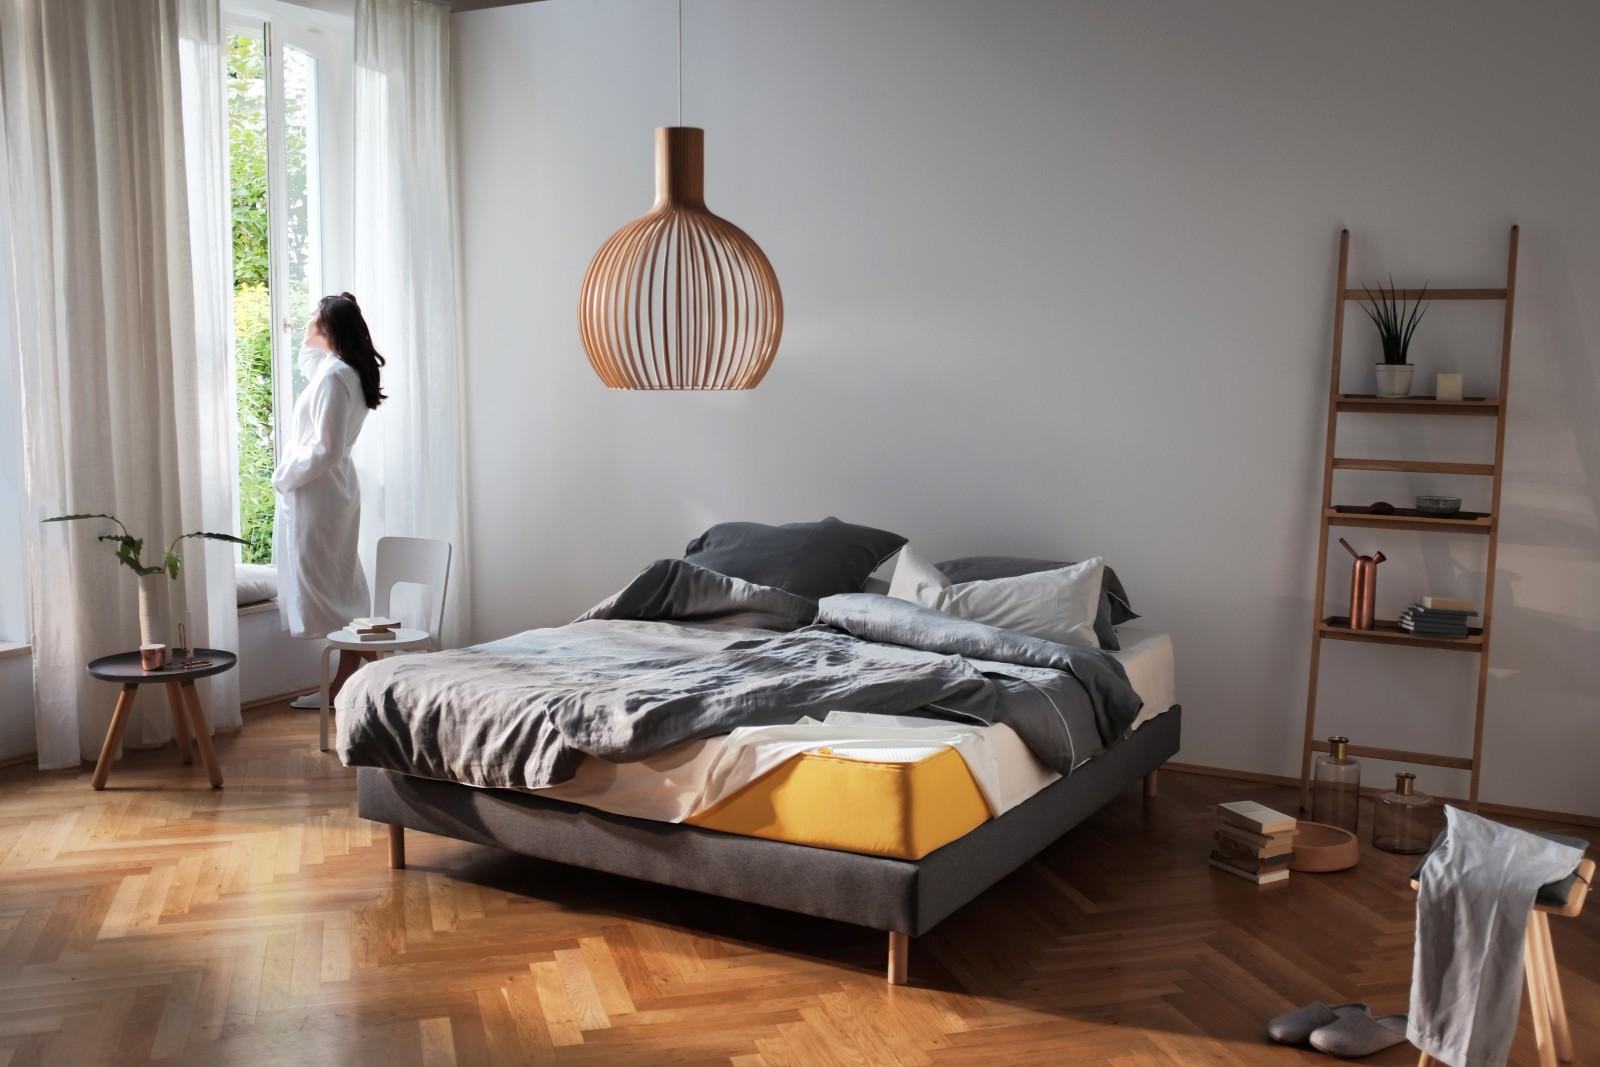 aufstehen leicht gemacht sponsored article codecheck info. Black Bedroom Furniture Sets. Home Design Ideas